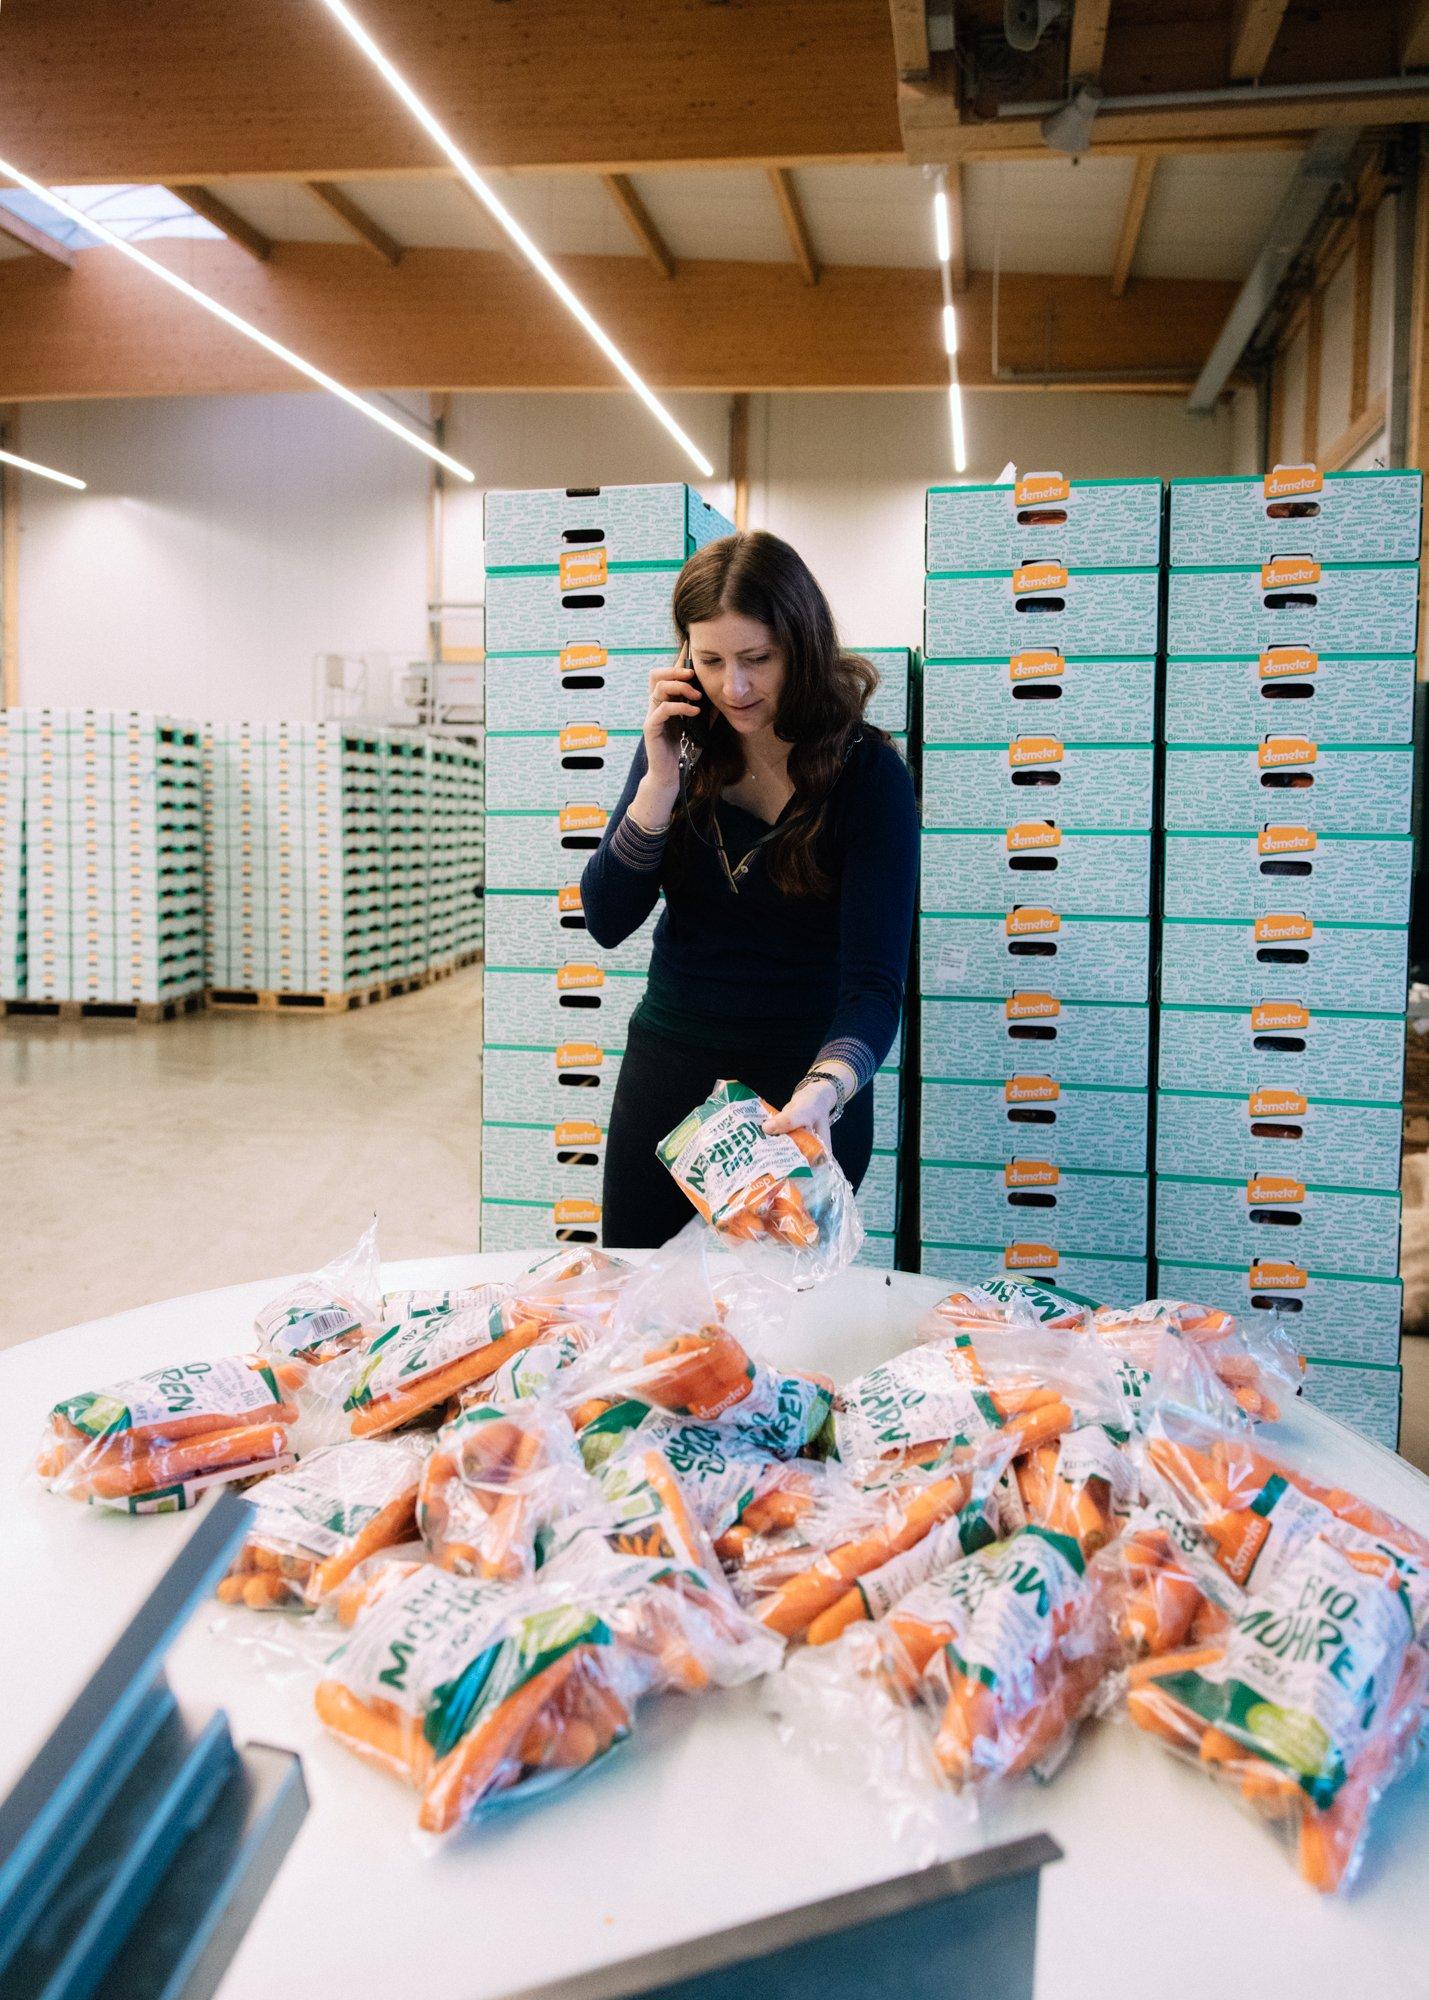 <p>KRUMM, ABER SCHÖNBiobäuerin Barbara Knötzinger in ihrer Abpackhalle. Was nicht perfekt aussieht, gelangt gar nicht erst in den Handel, beklagt sie</p>